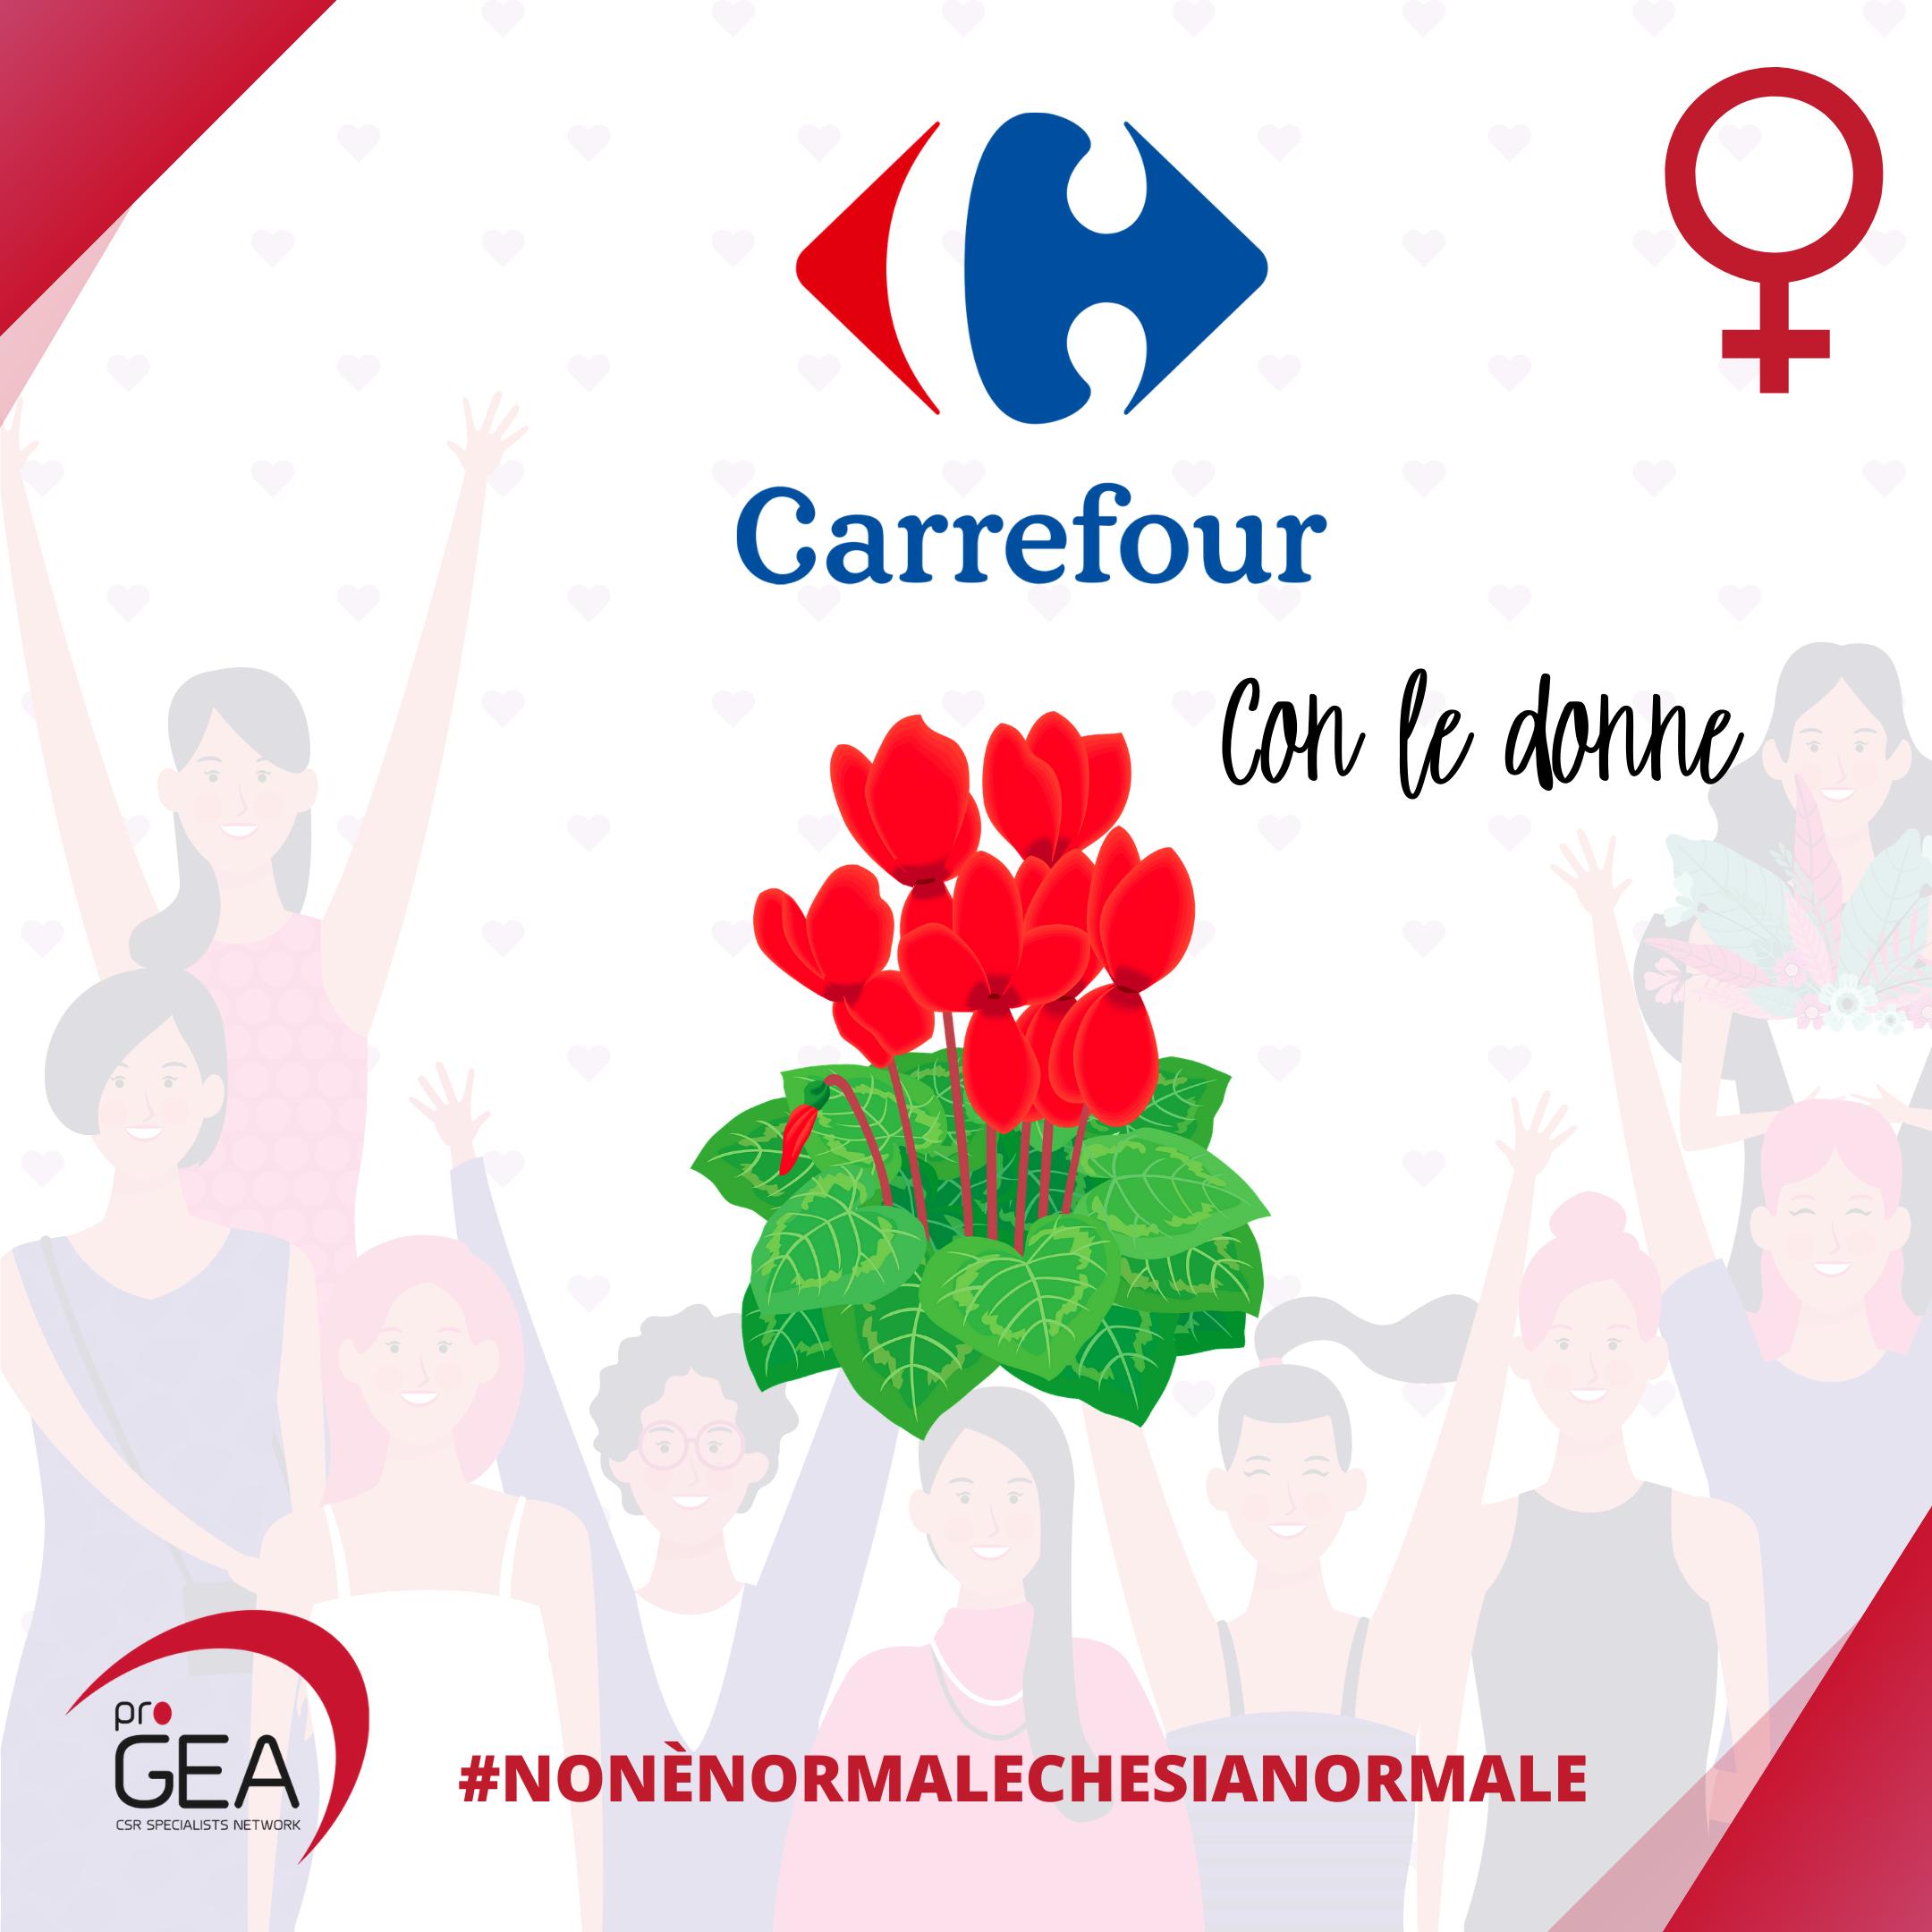 Carrefour contro la violenza sulle donne